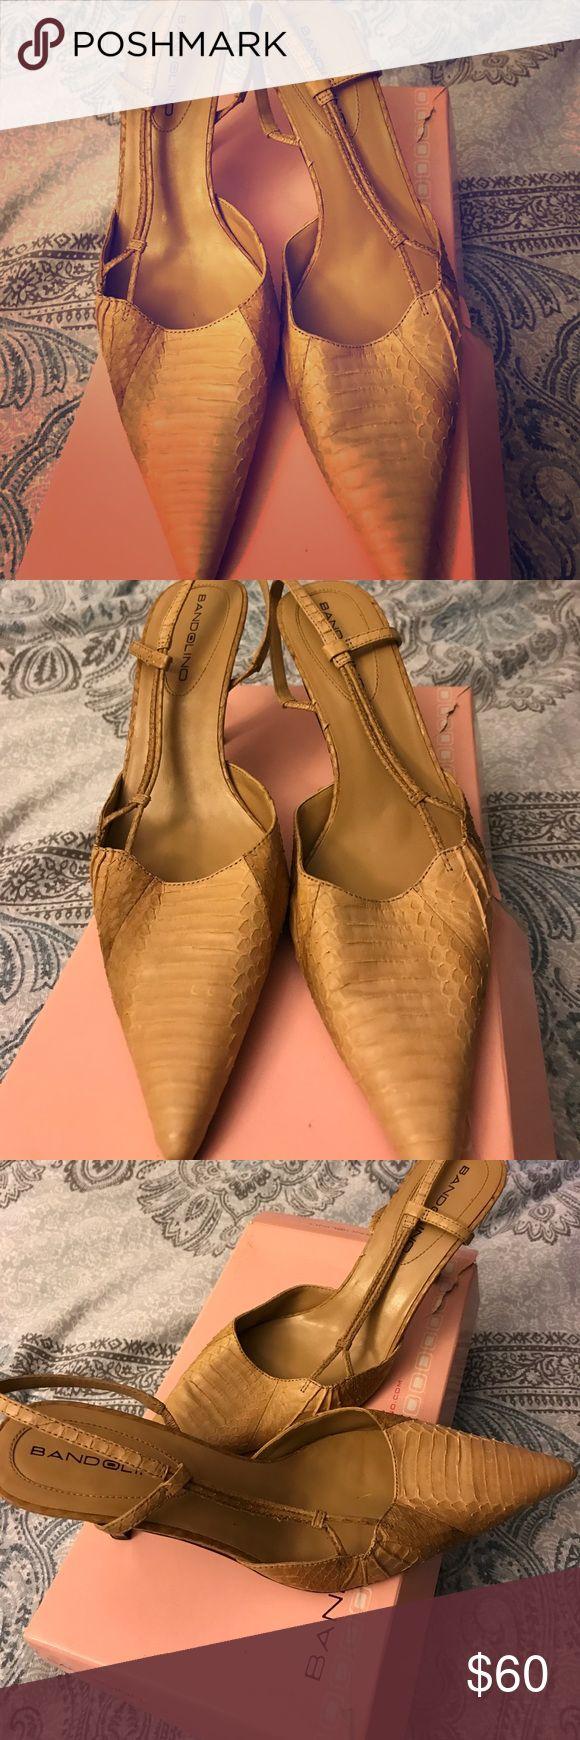 Bandolino Neutral Pump 3in heel pumps Bandolino Shoes Heels